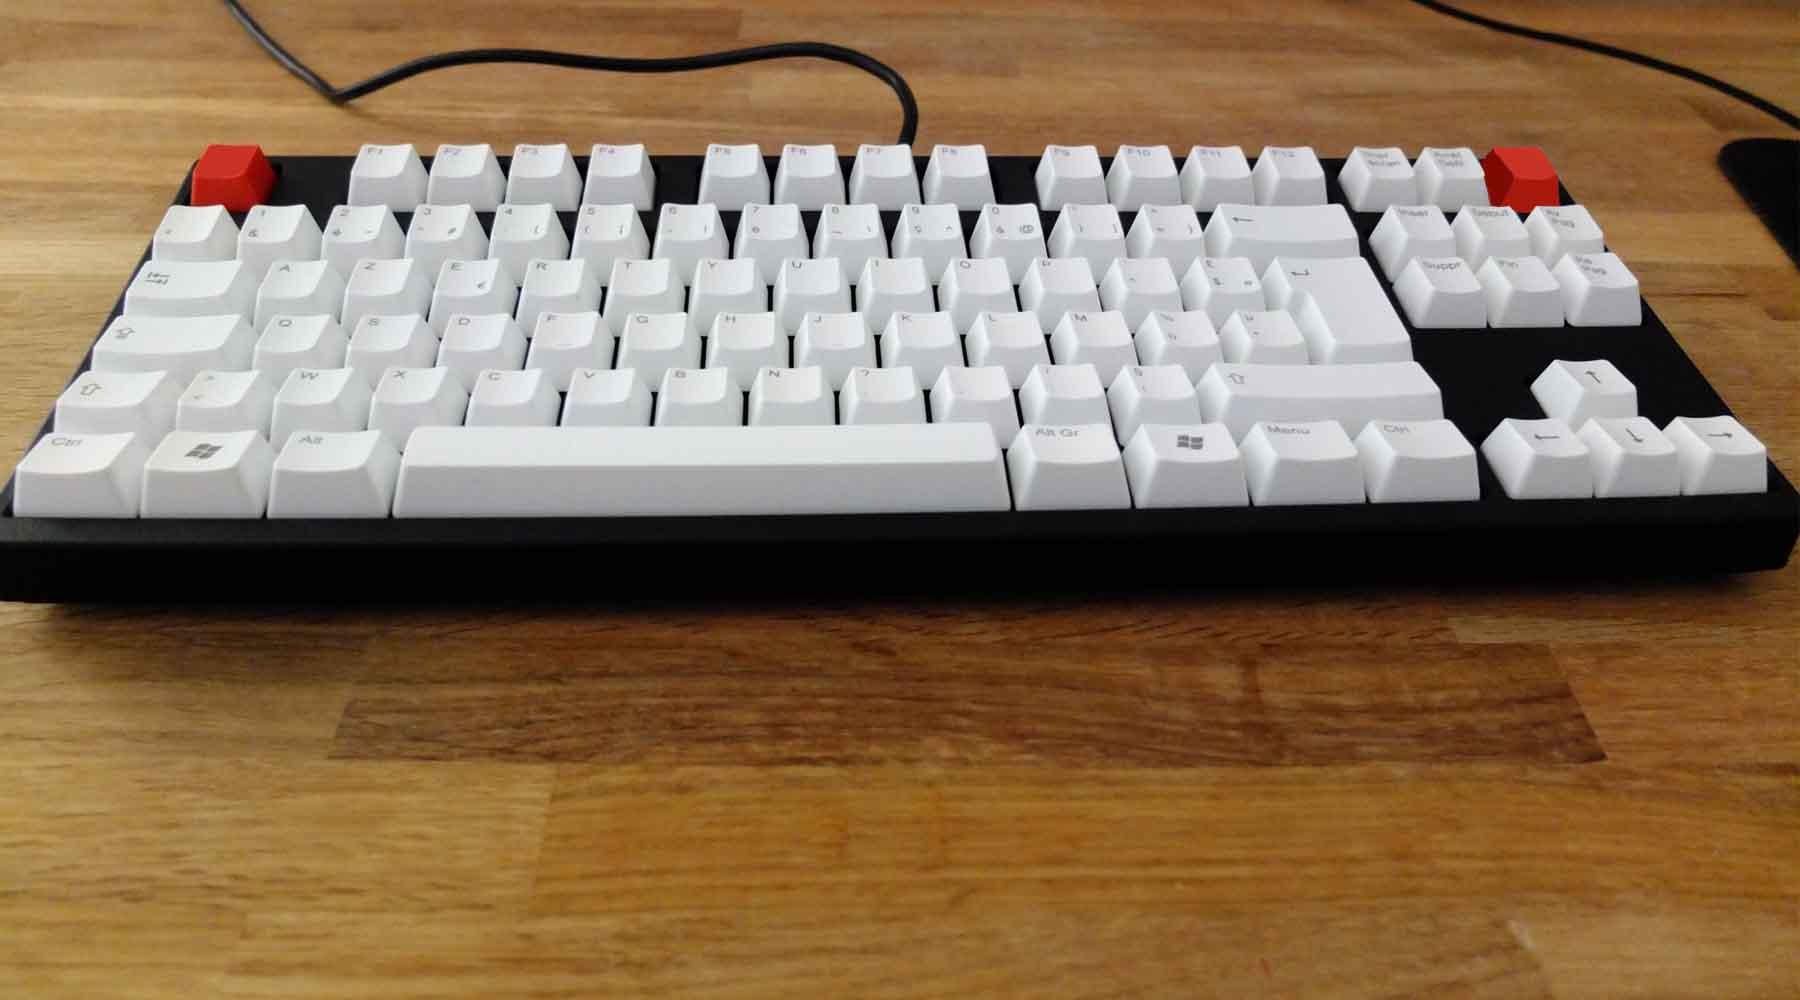 clavier à 105 touches